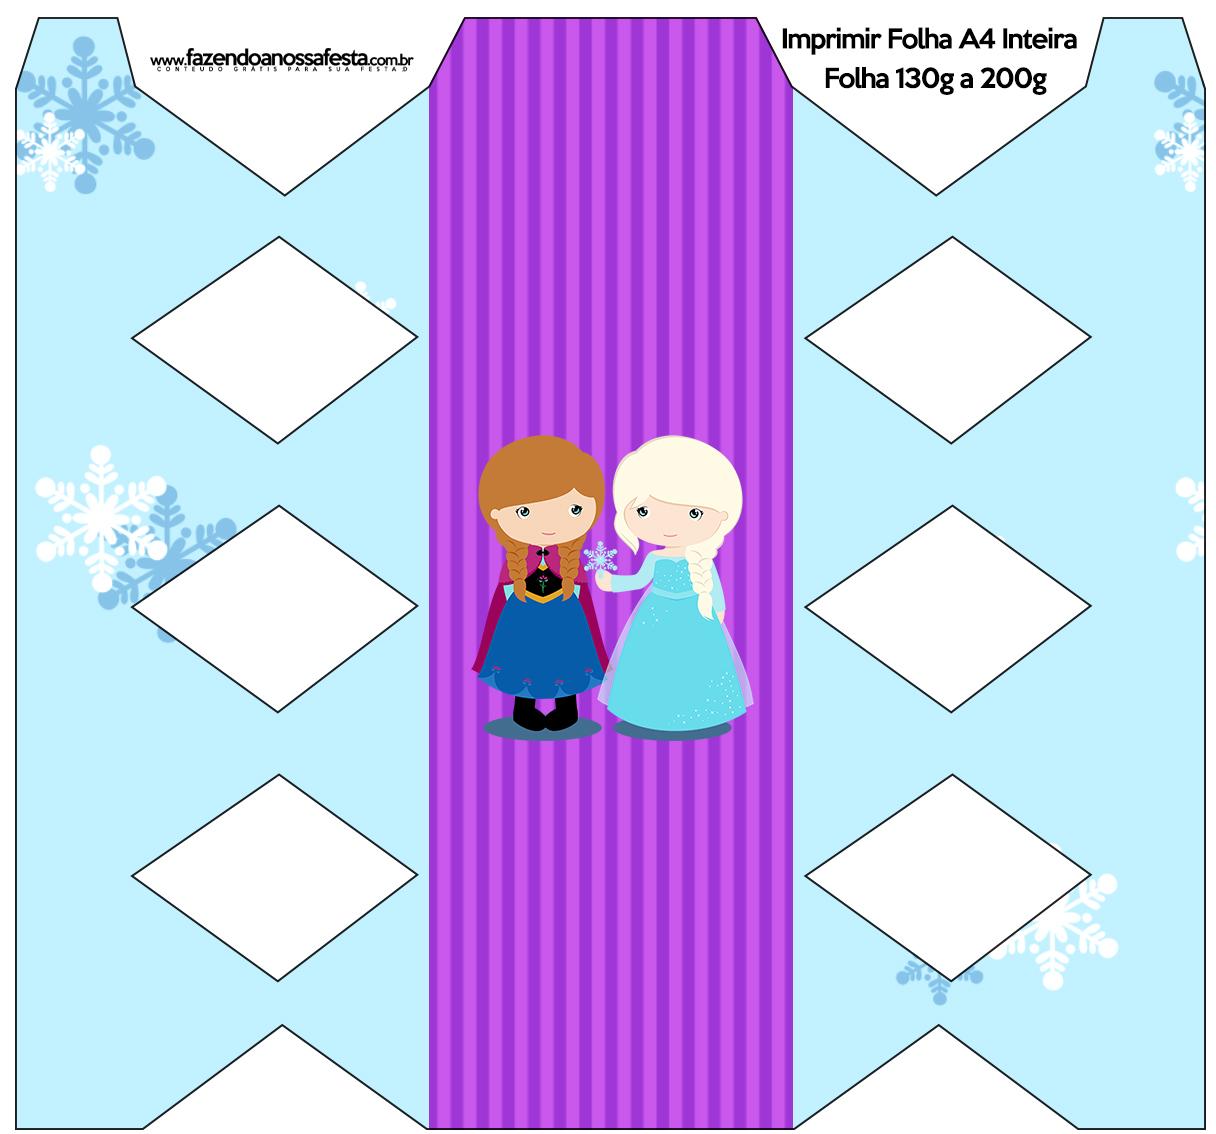 Caixa Frozen Roxo E Azul Marmita Frozen Roxo E Azul Pictures to pin on